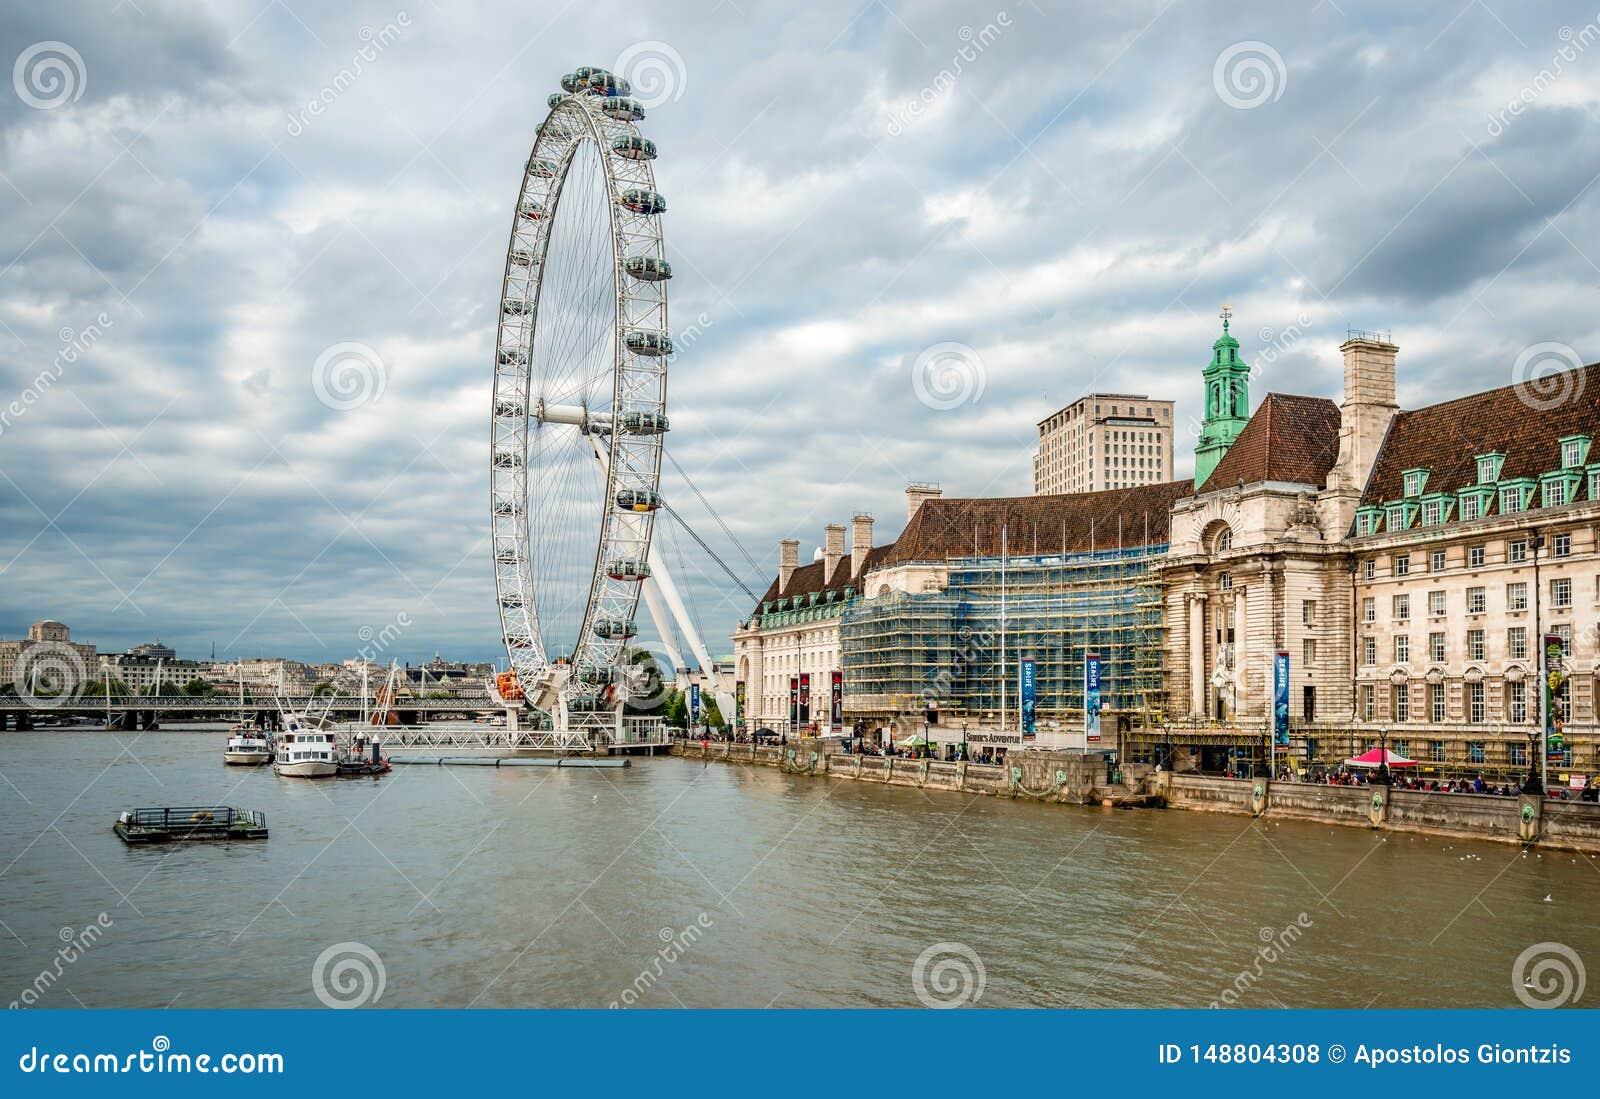 London Eye e o Southbank